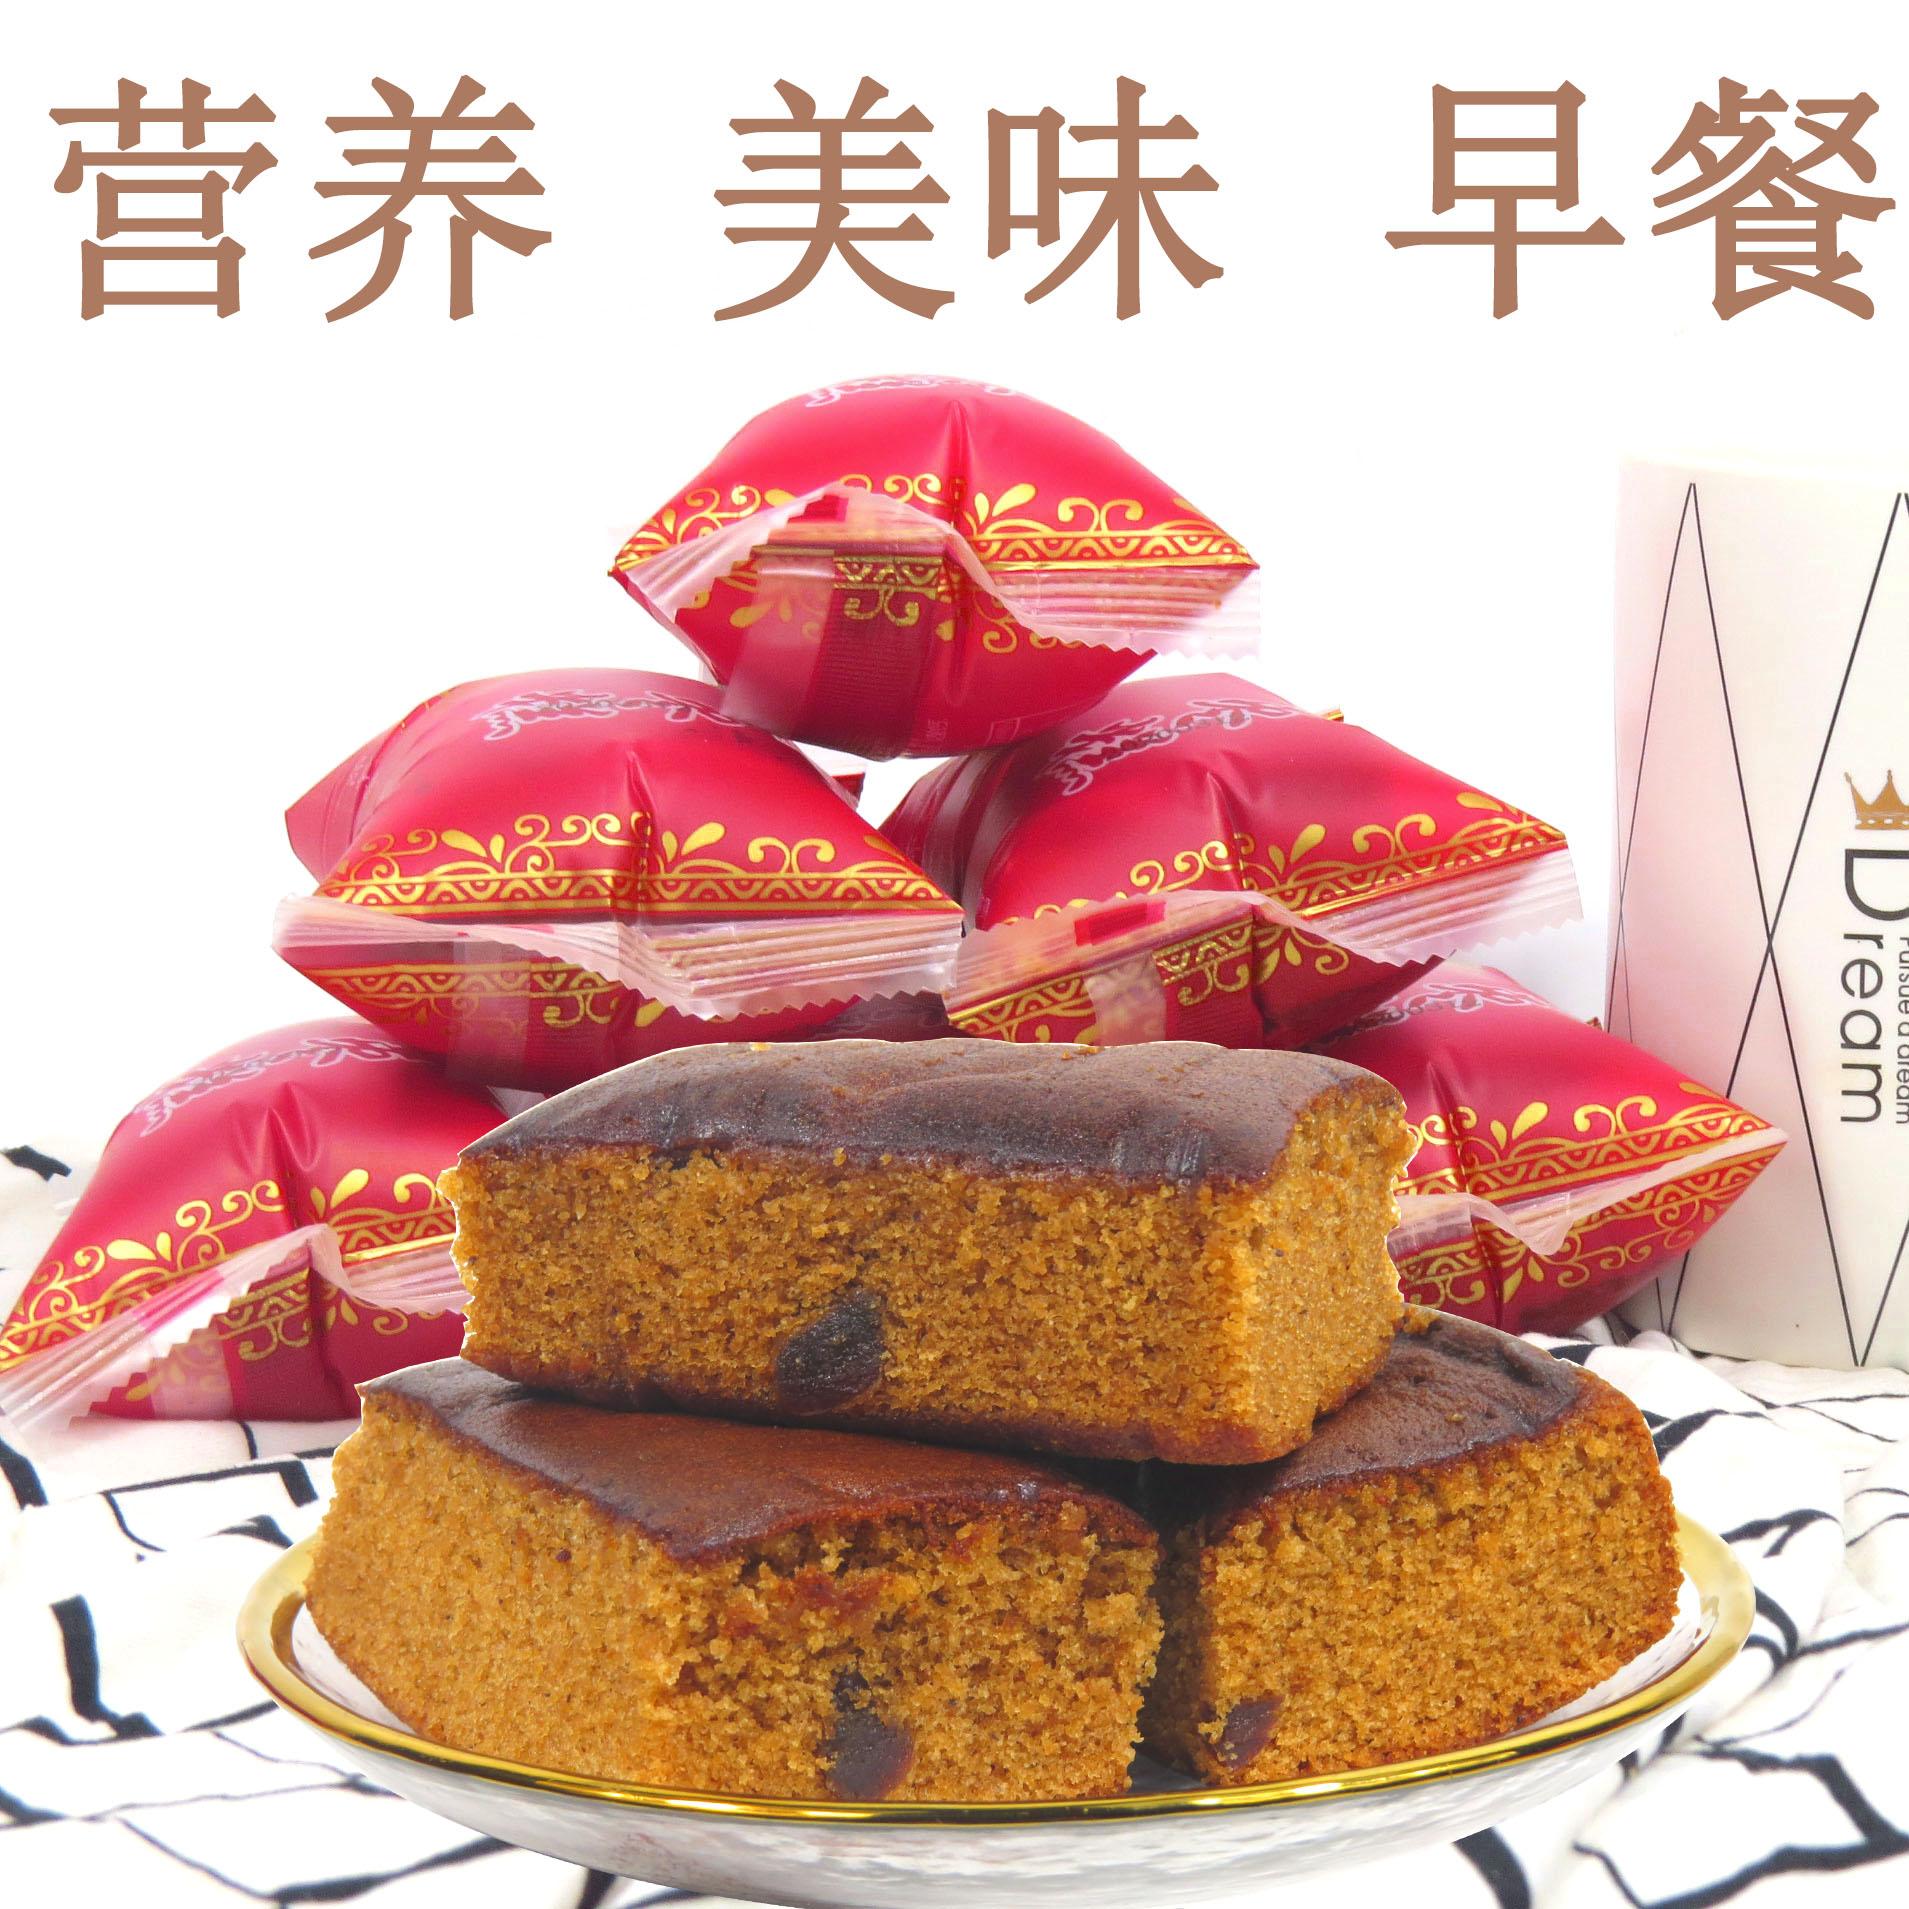 老北京枣糕整箱散装蛋糕糕点营养早餐面包枣泥传统糕点点心 零食